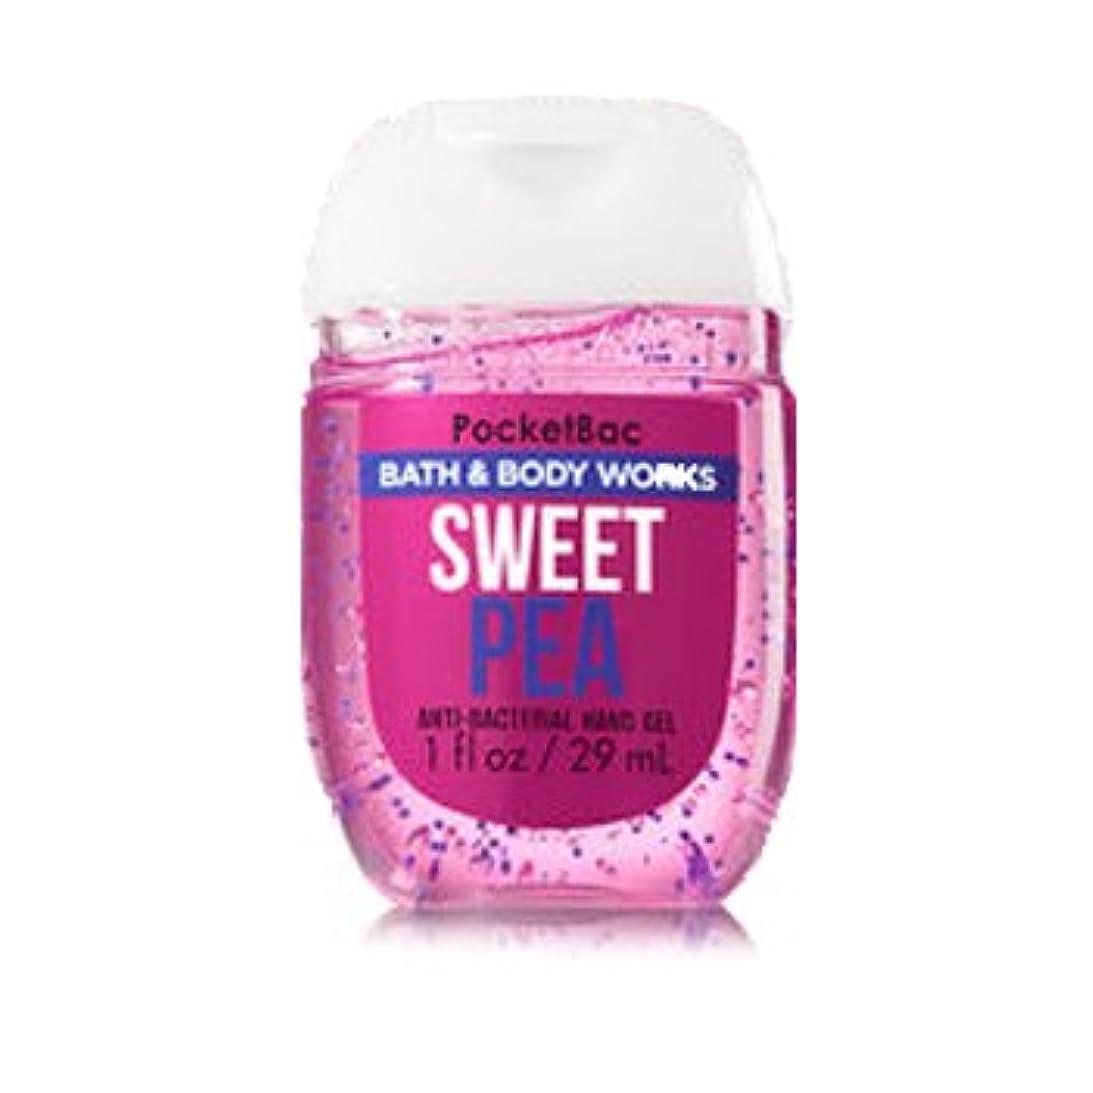 遵守するエンコミウム転送バス&ボディワークス ハンドジェル 29ml スウィートピー Bath&Body Works Anti-Bacterial PocketBac Sanitizing Hand Gel Sweet Pea [並行輸入品]